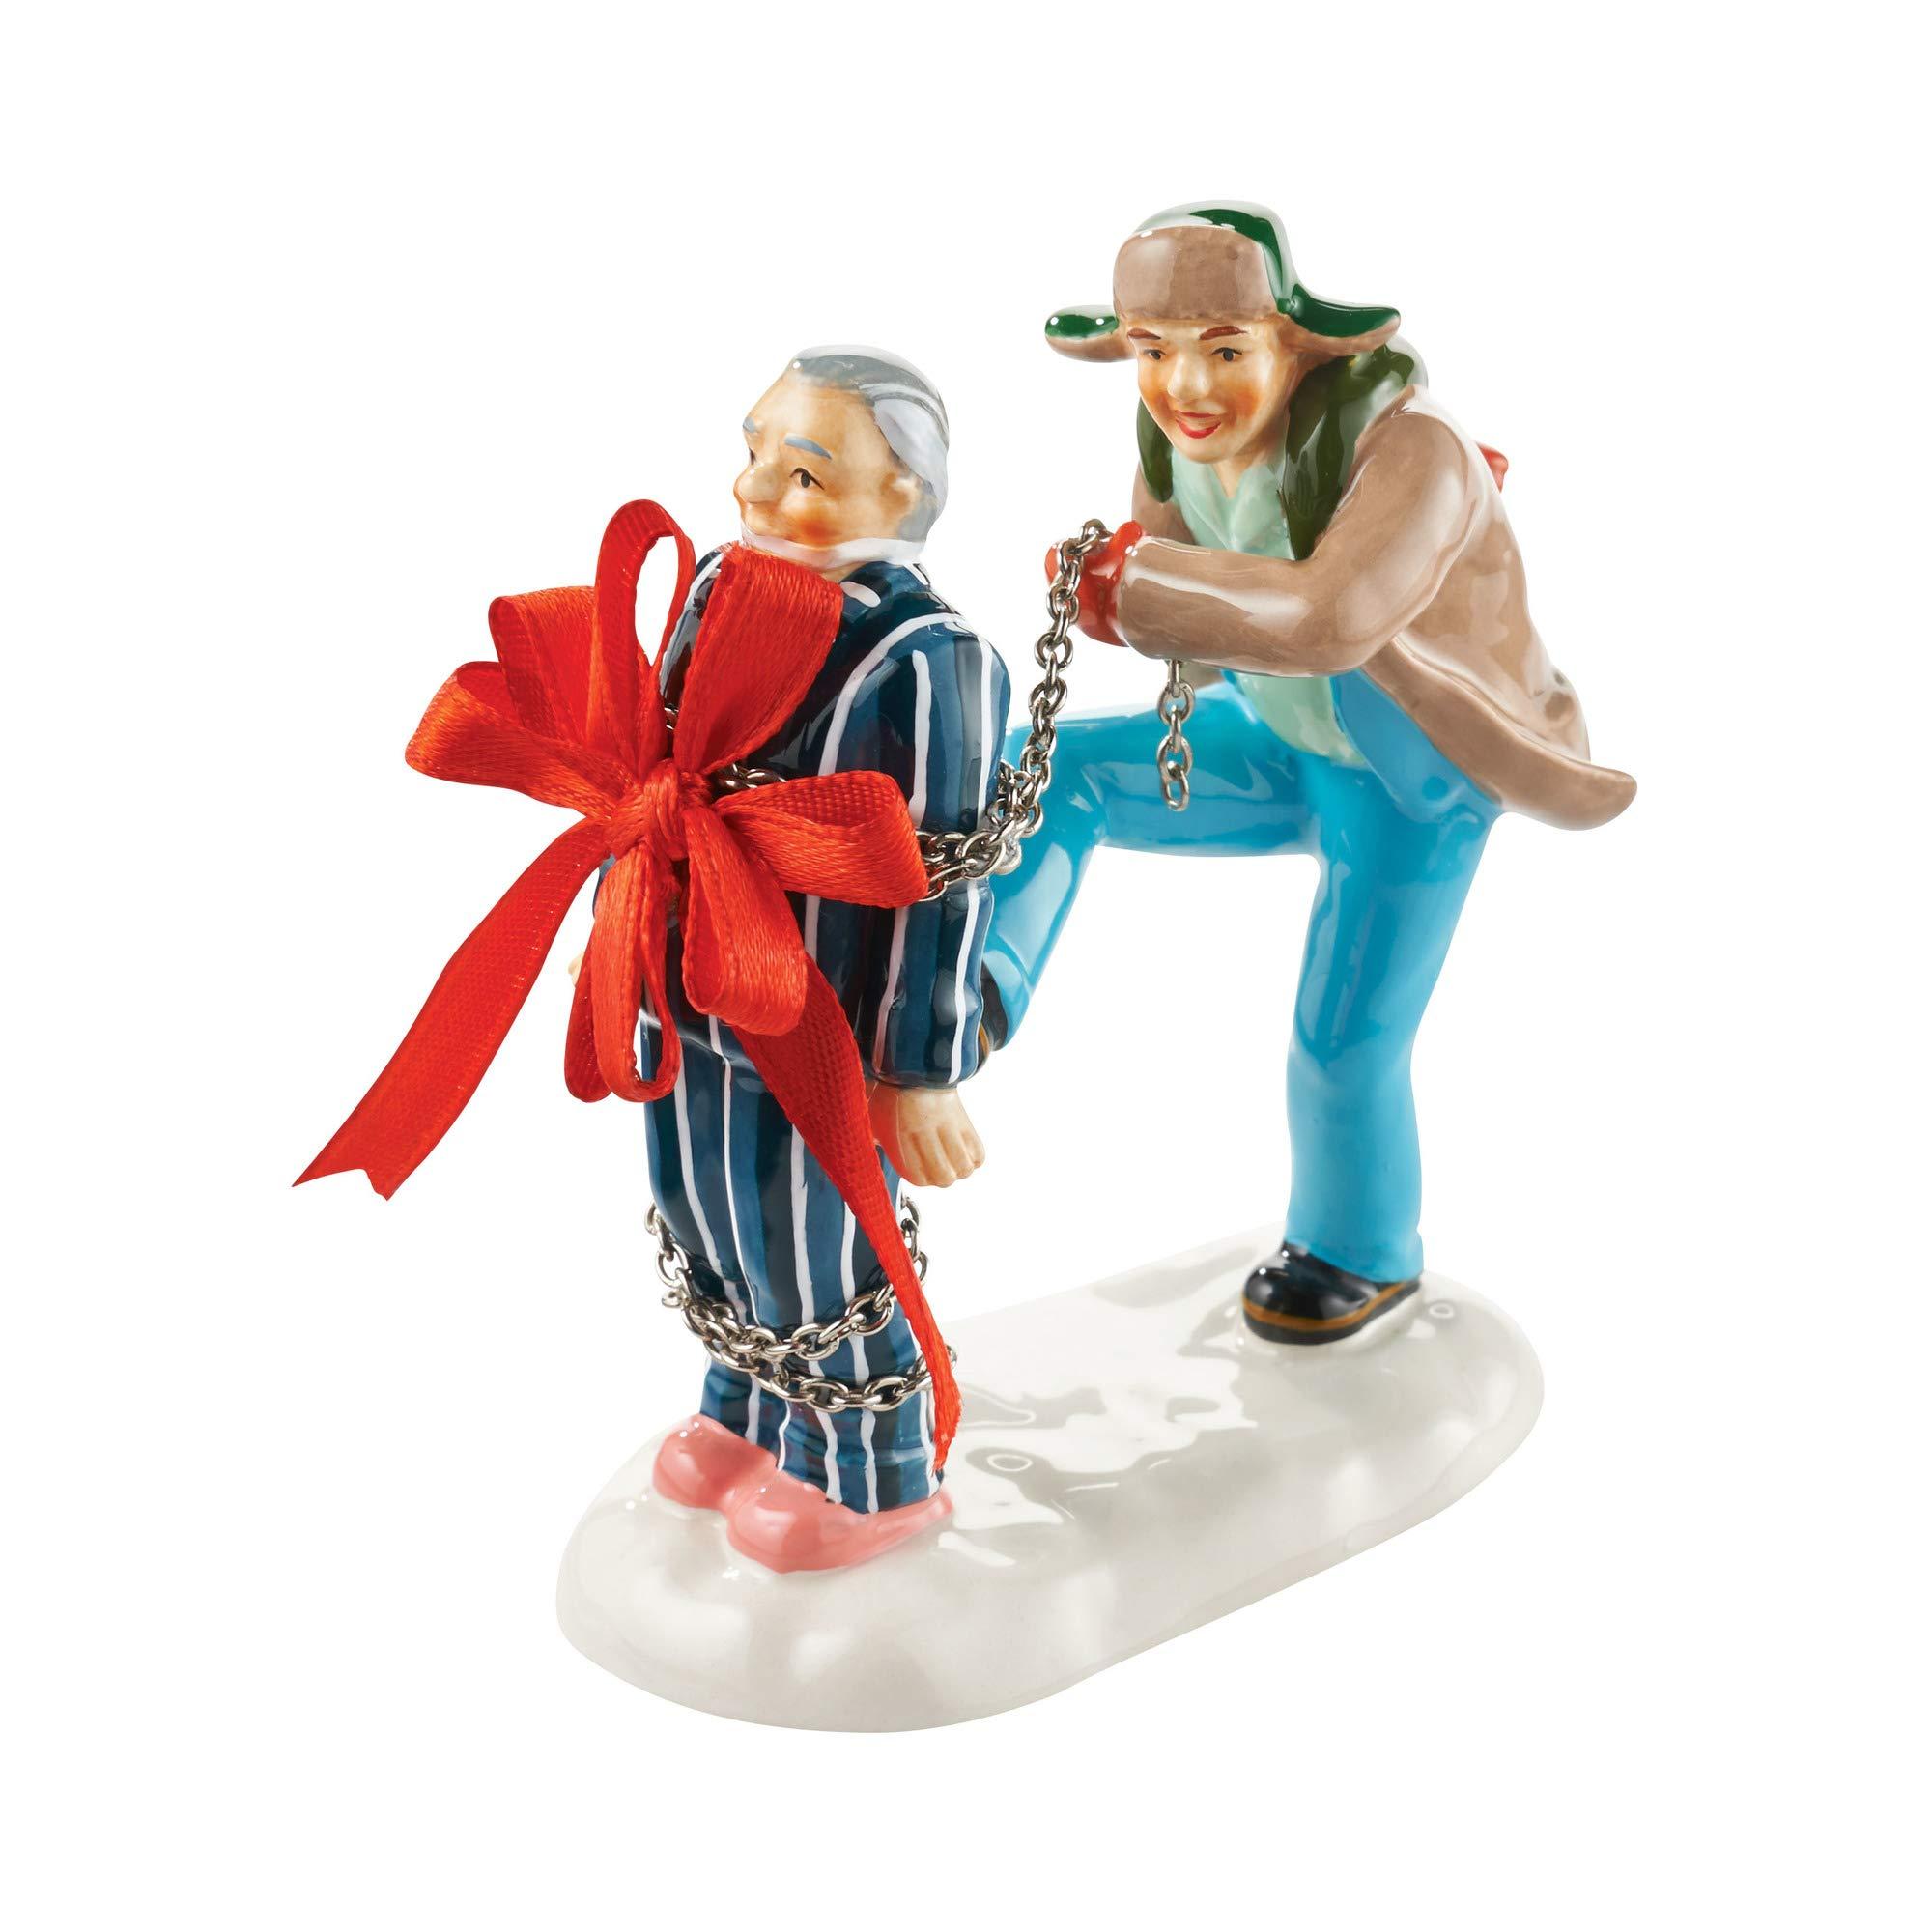 Department 56 Clark Figurine Handpainted Ceramic Accessory ...